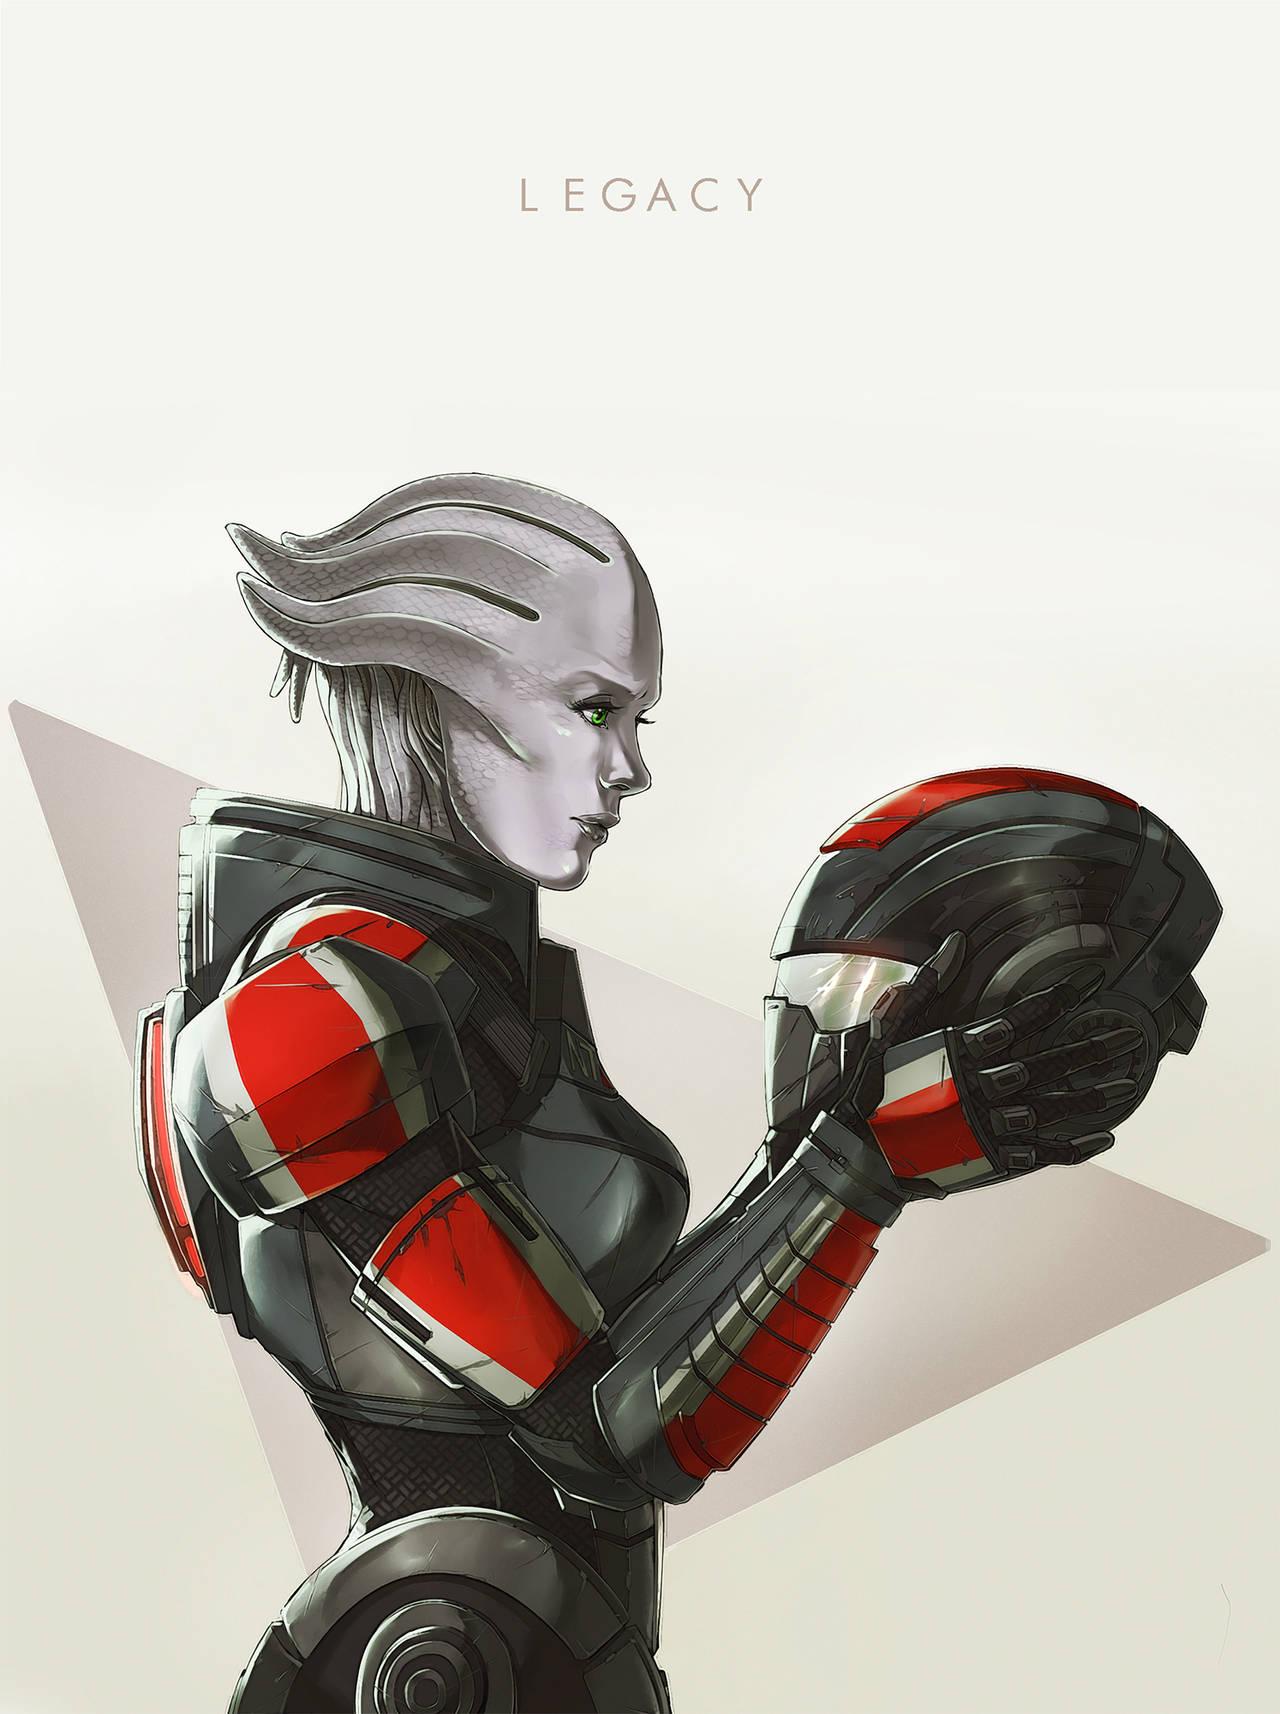 Asari-ME-расы-Mass-Effect-фэндомы-5077105.jpeg - Mass Effect 3